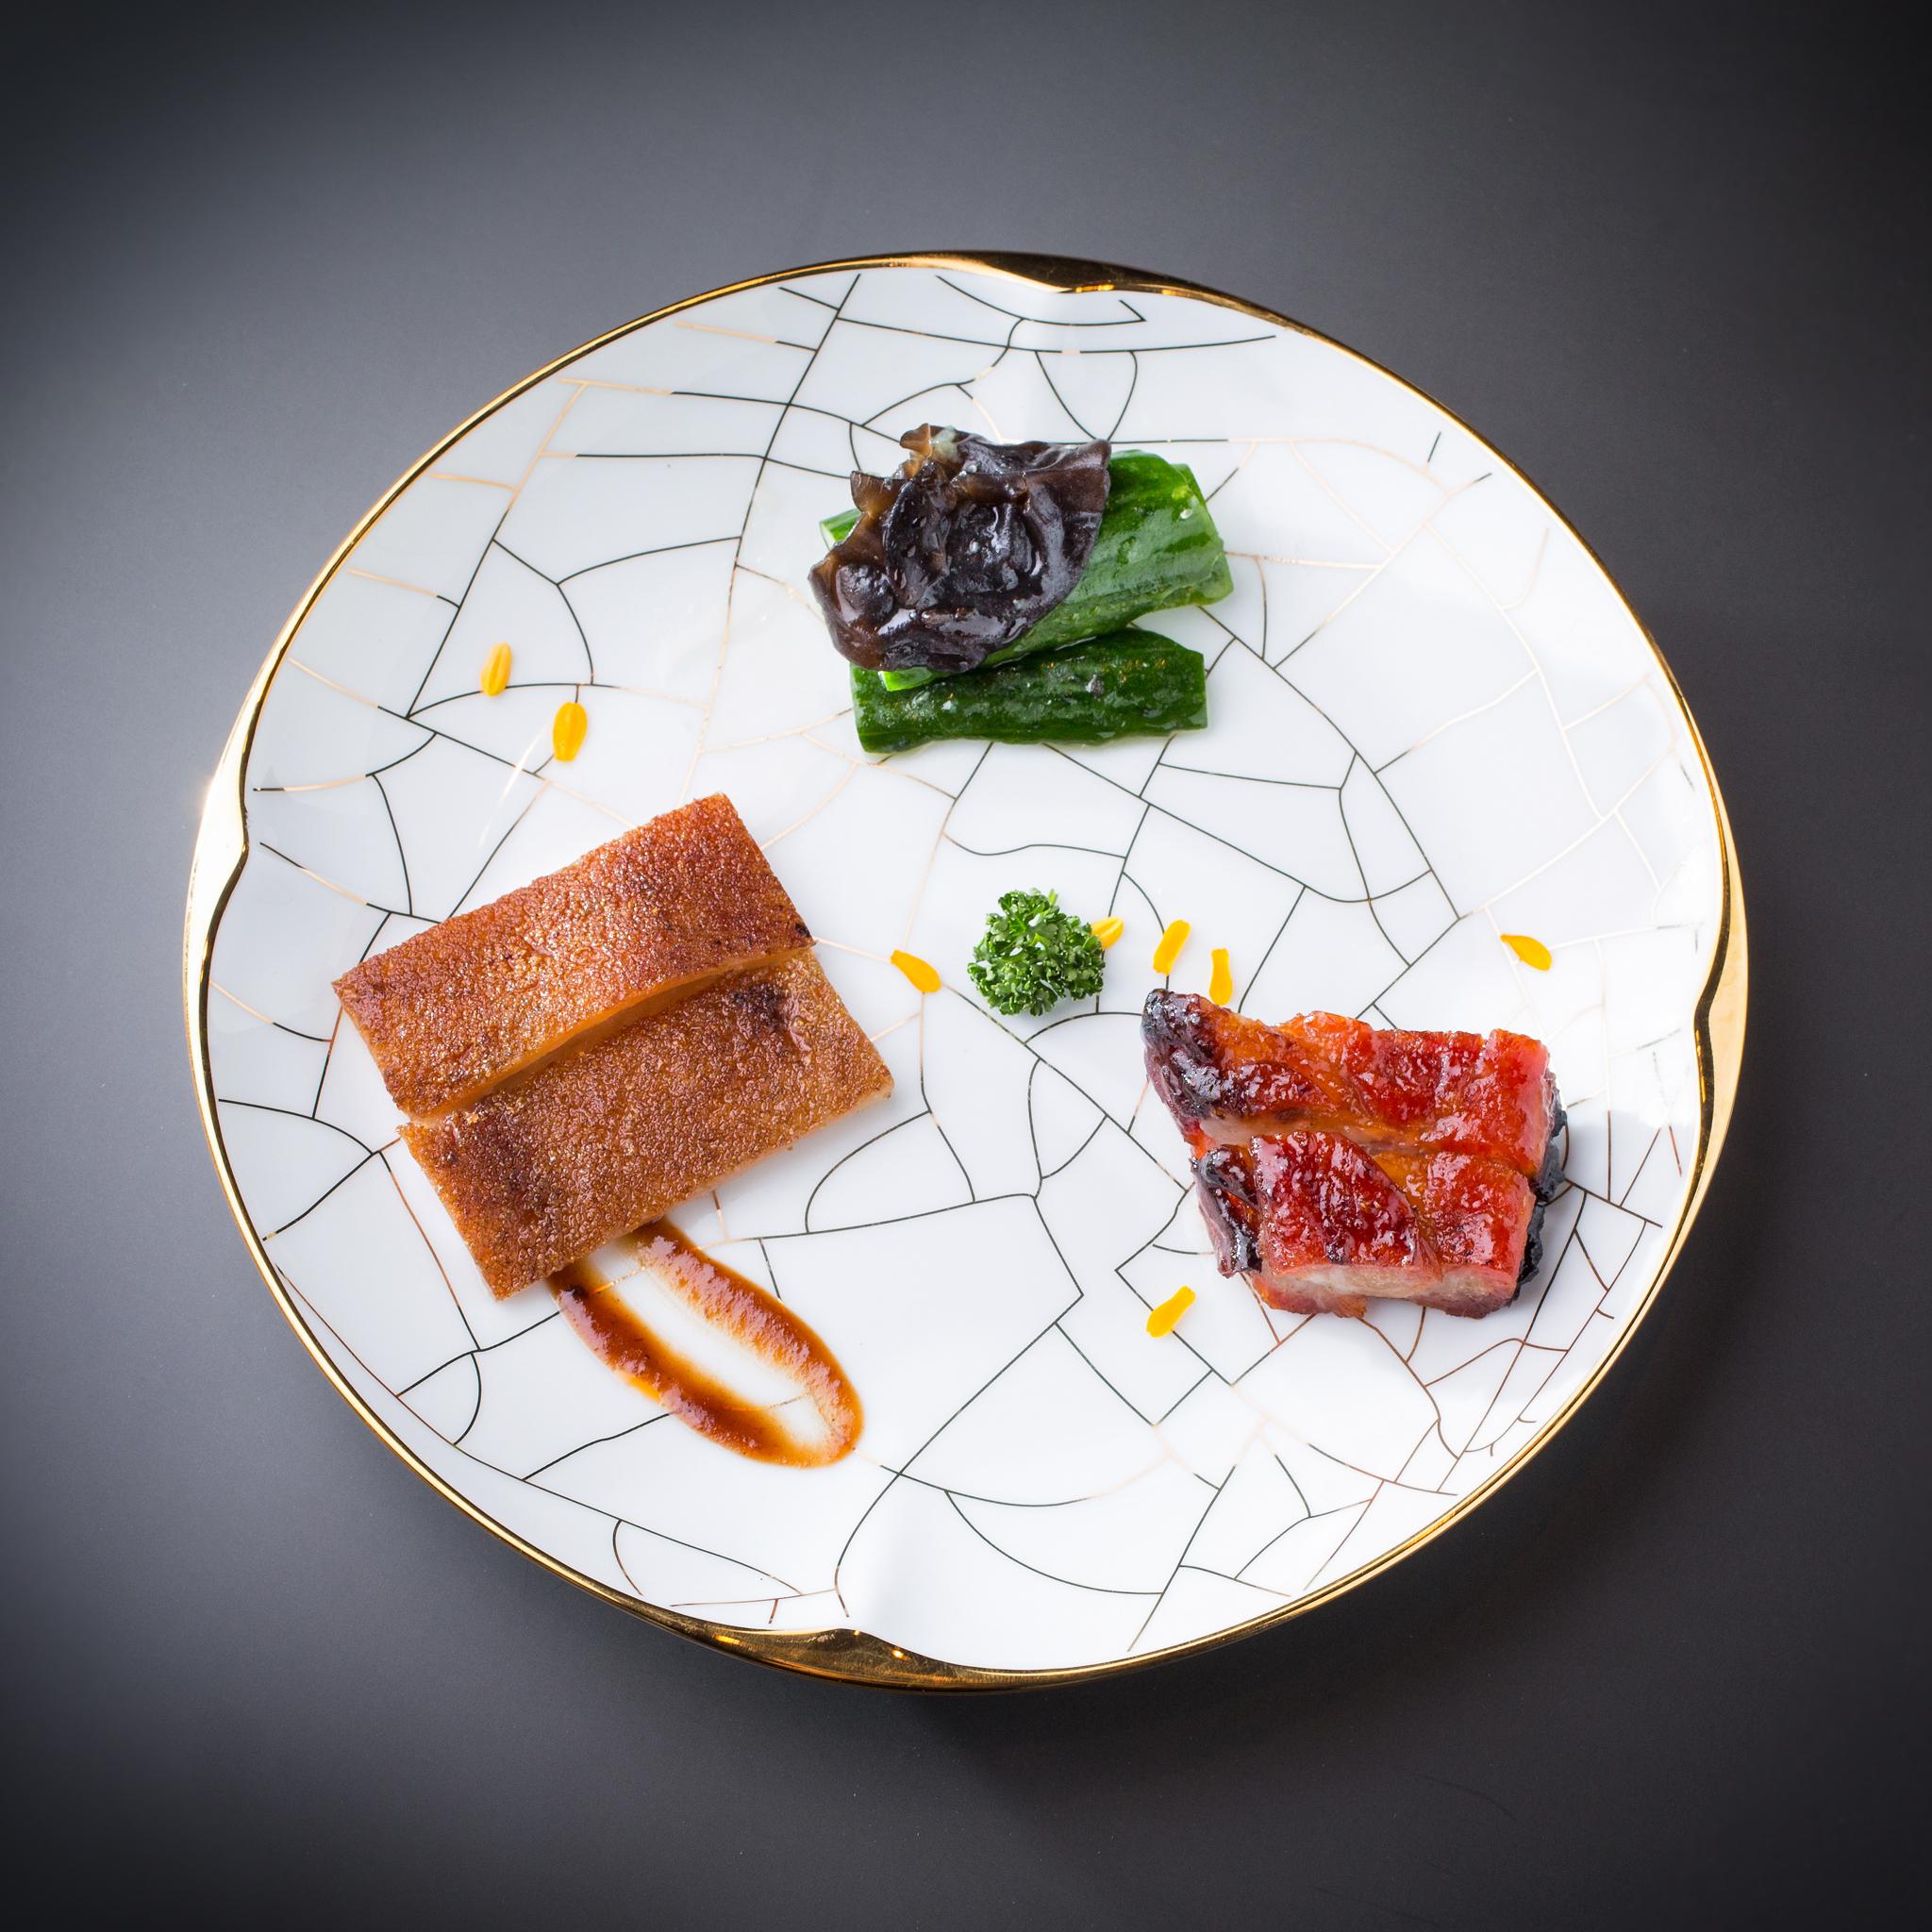 三星攜手文華東方 邀請大家來一場由五感出發的美食饗宴